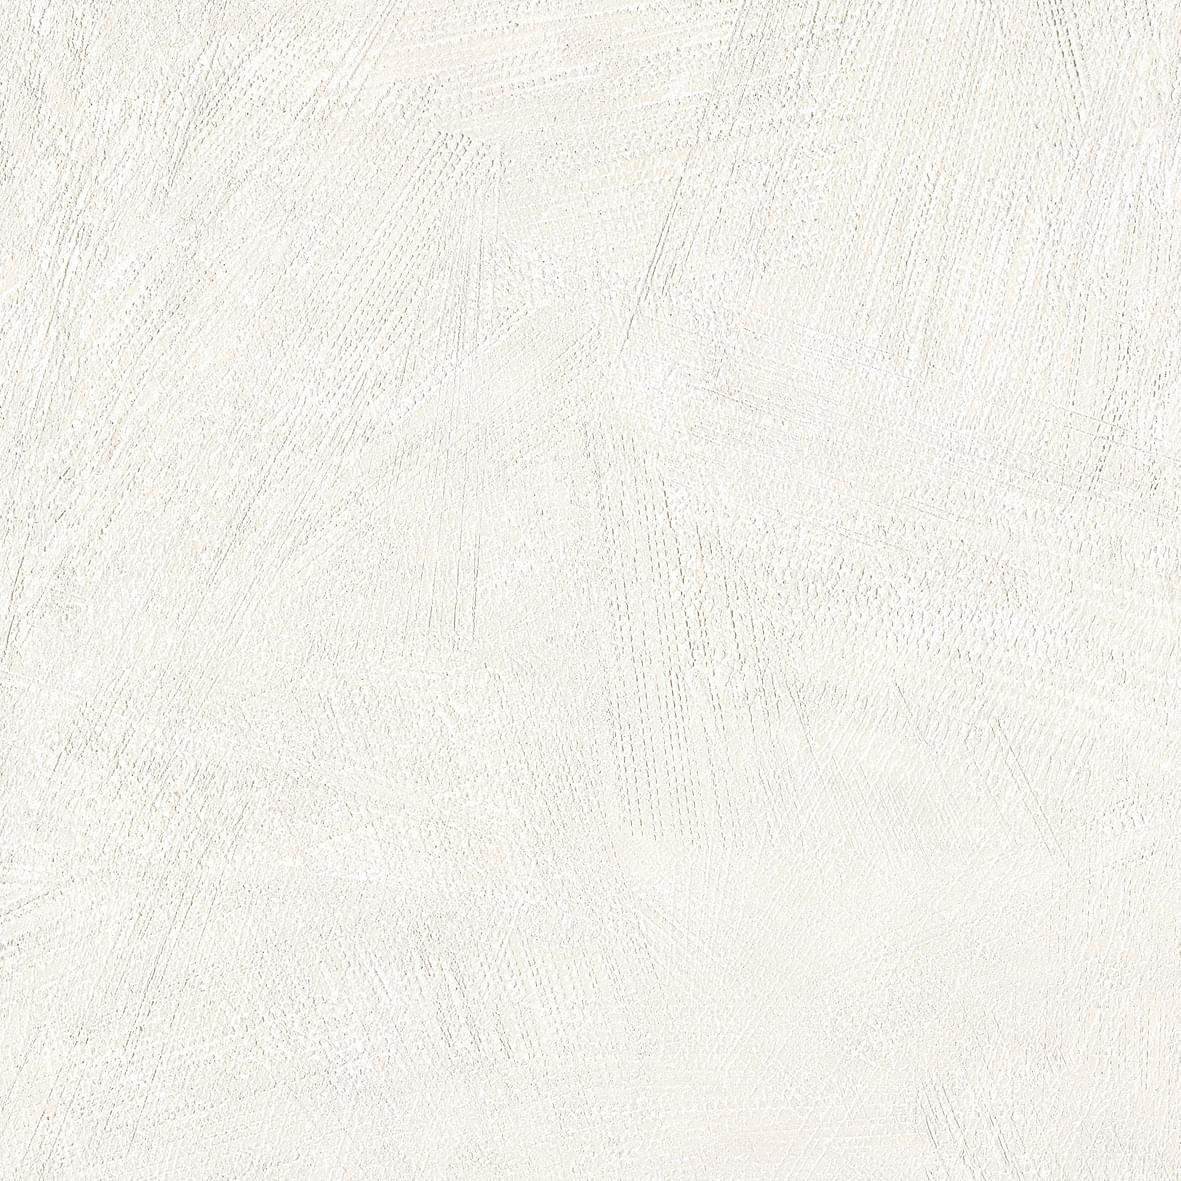 波尔多 / SMP60790 / 600x600mm / 水泥砖